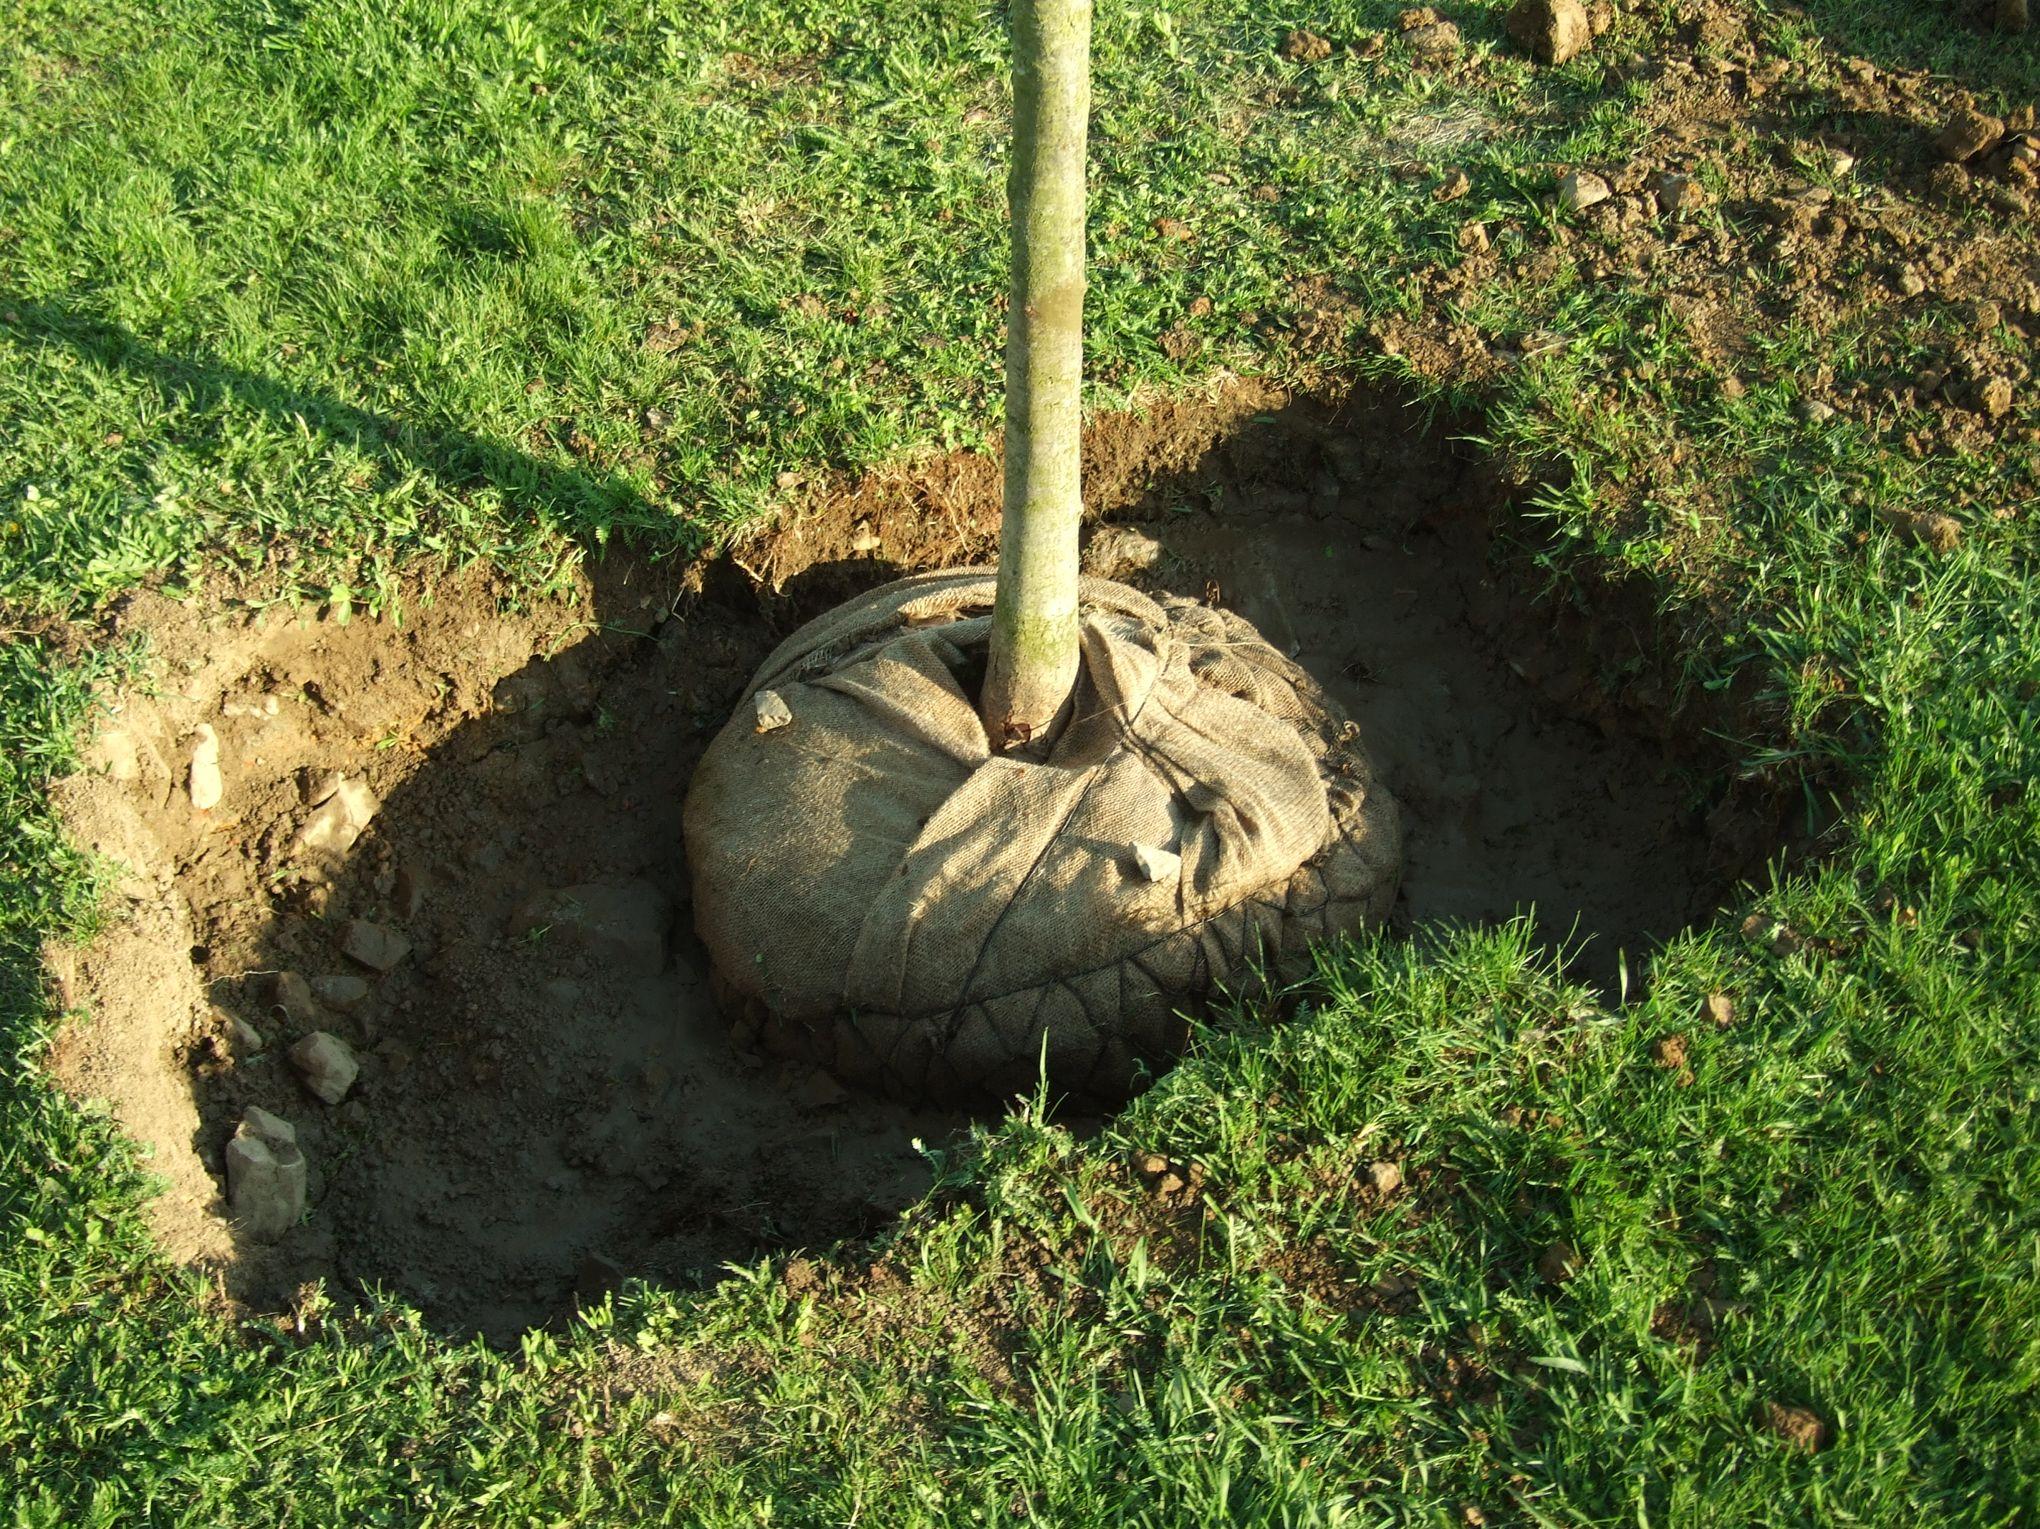 Comment Planter Un Arbre Fruitier quand et comment transplanter un arbre fruitier ?